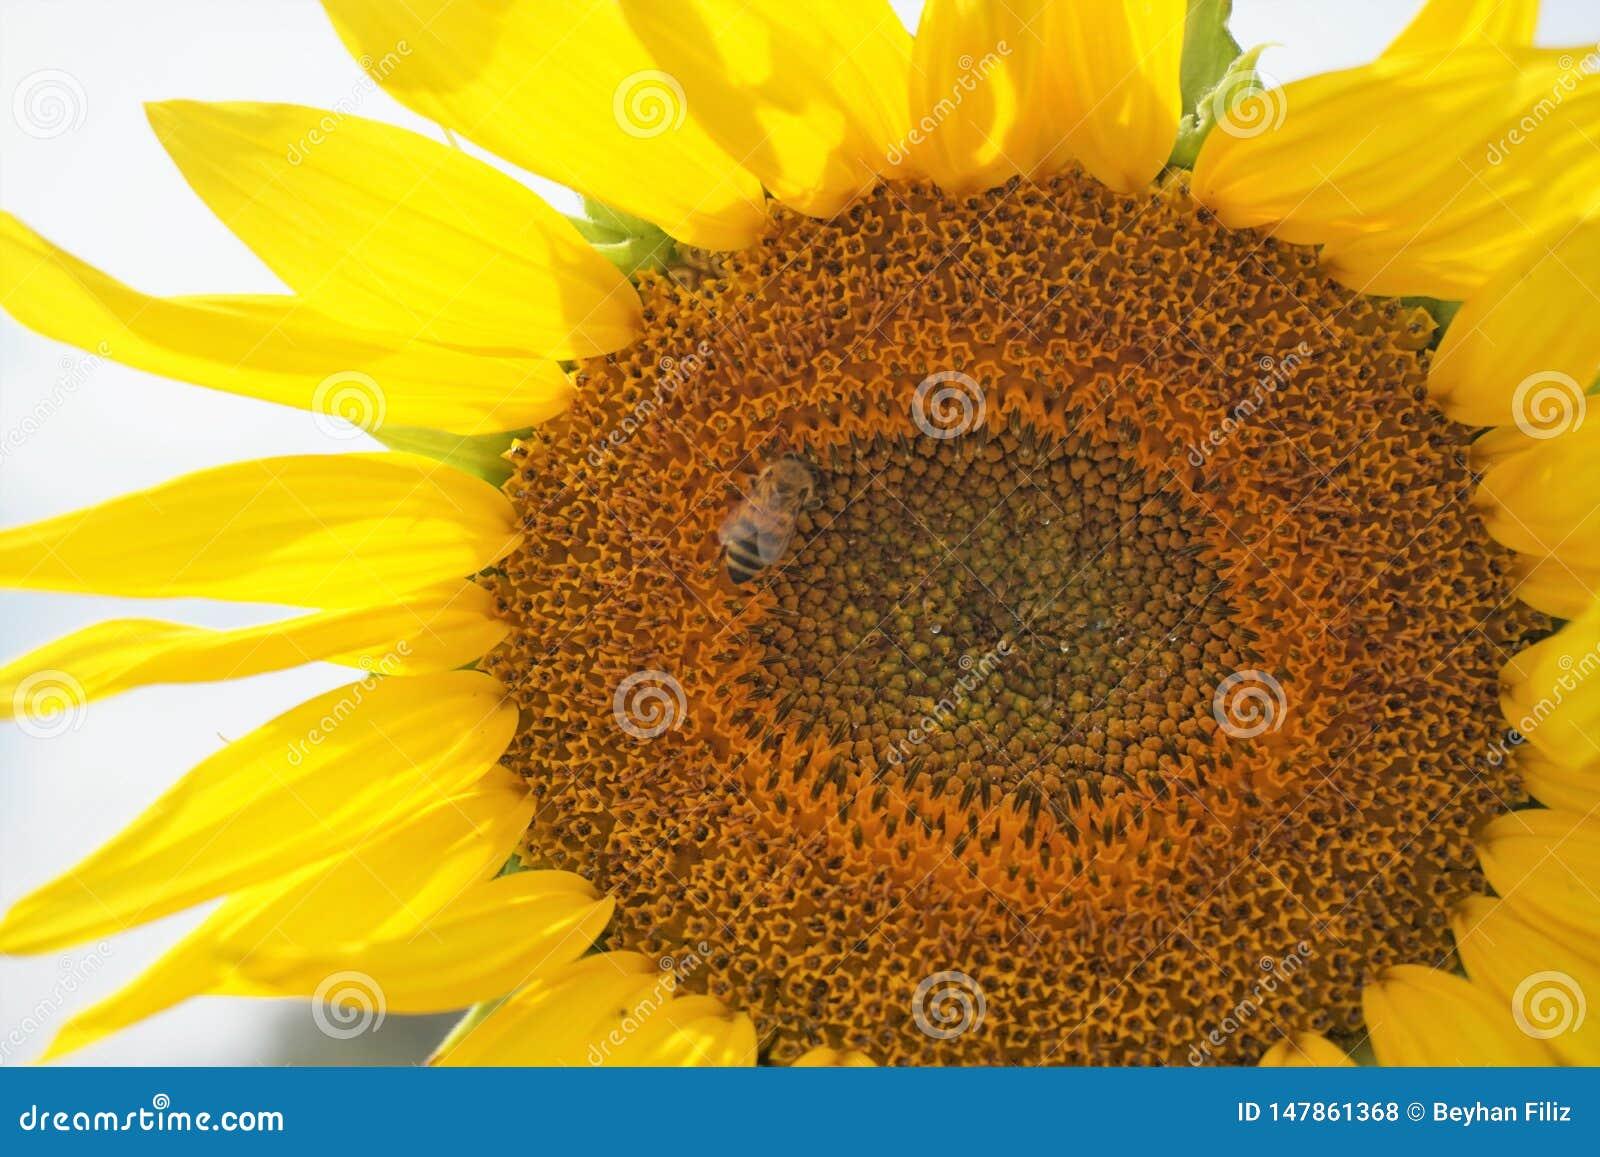 Großaufnahme der Biene auf Sonnenblume